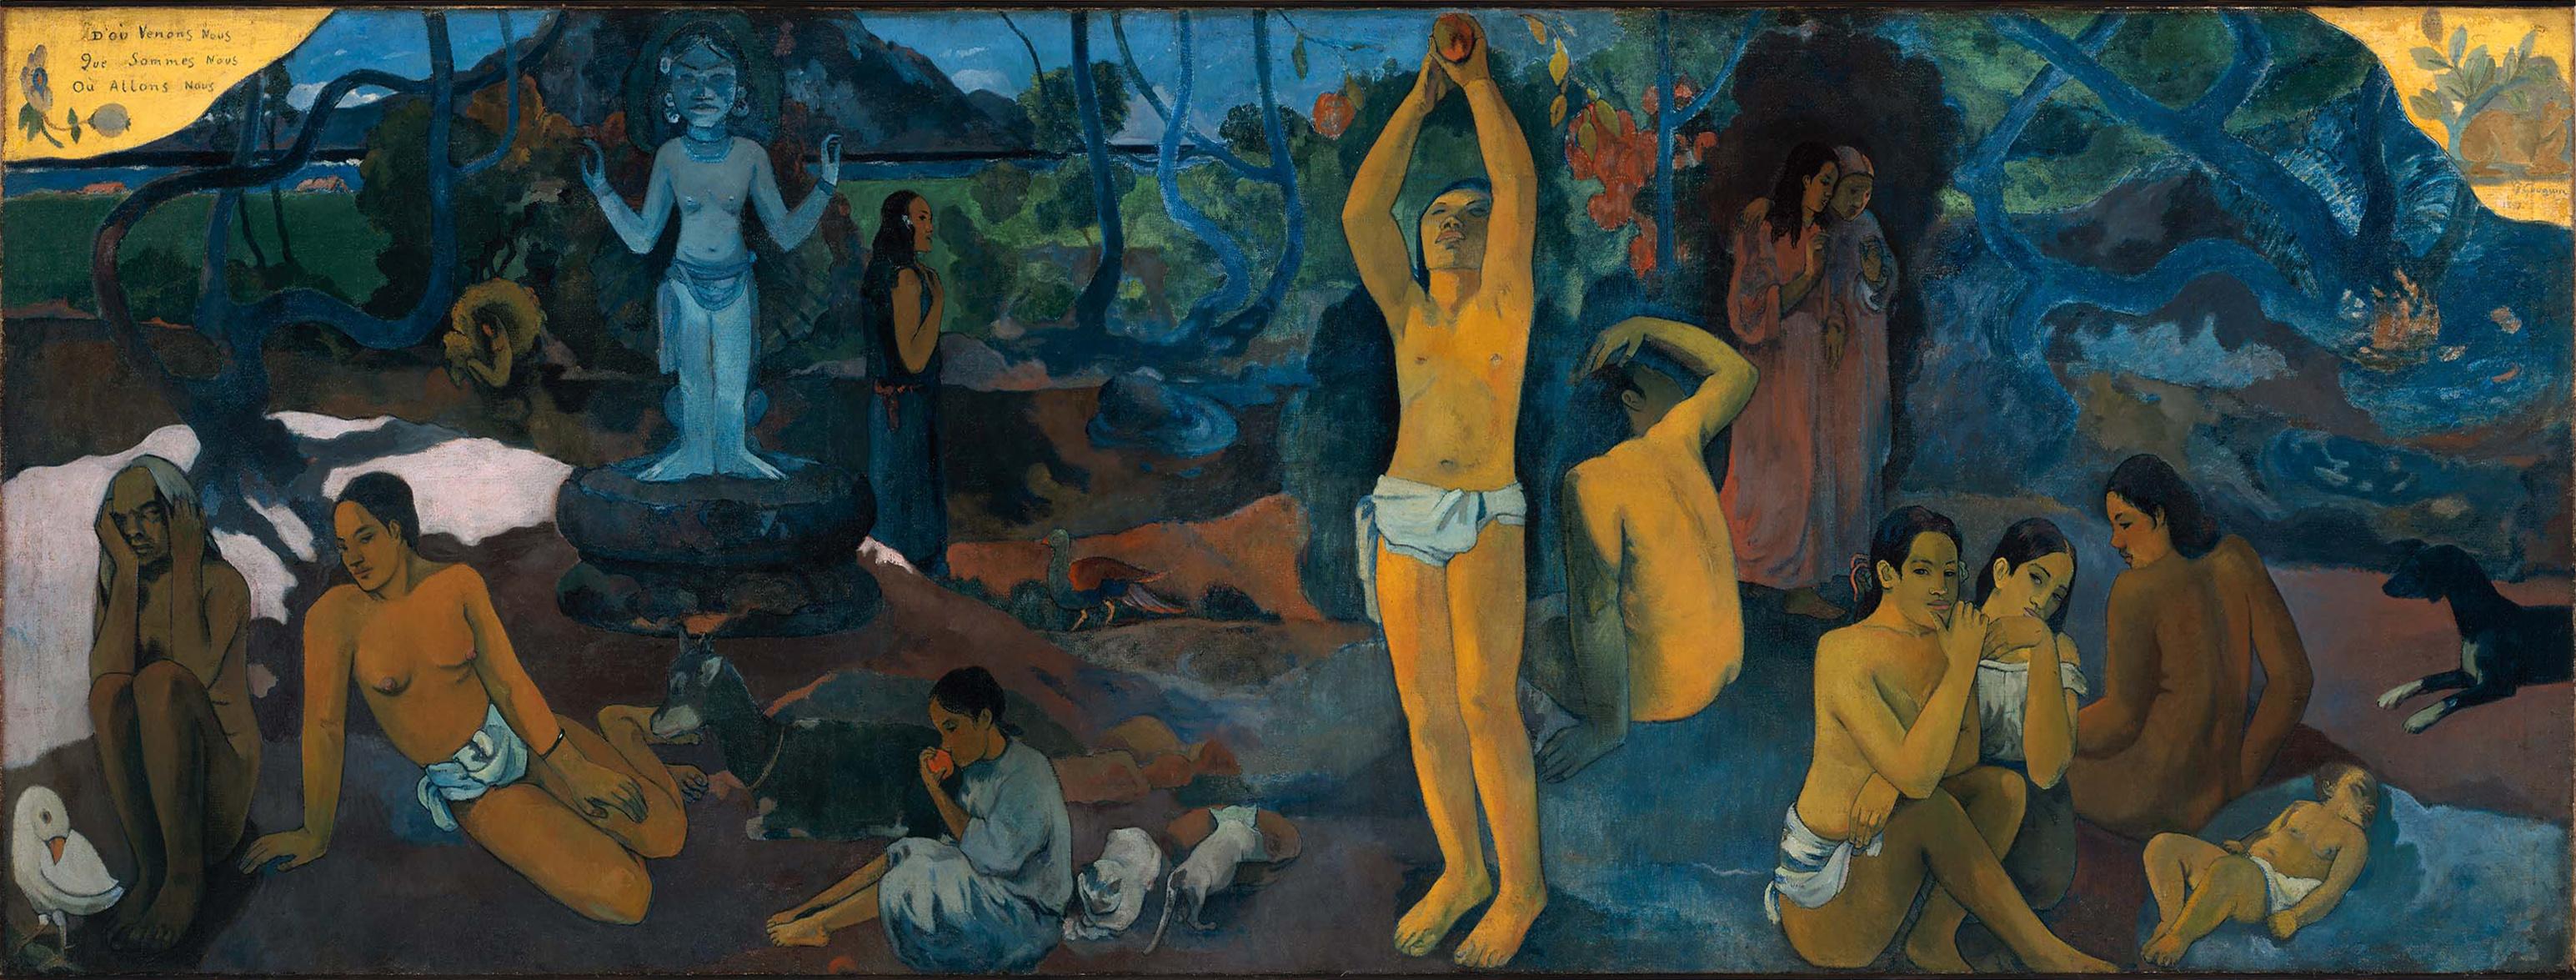 Gauguin : Autopsie psychologique d'un artiste